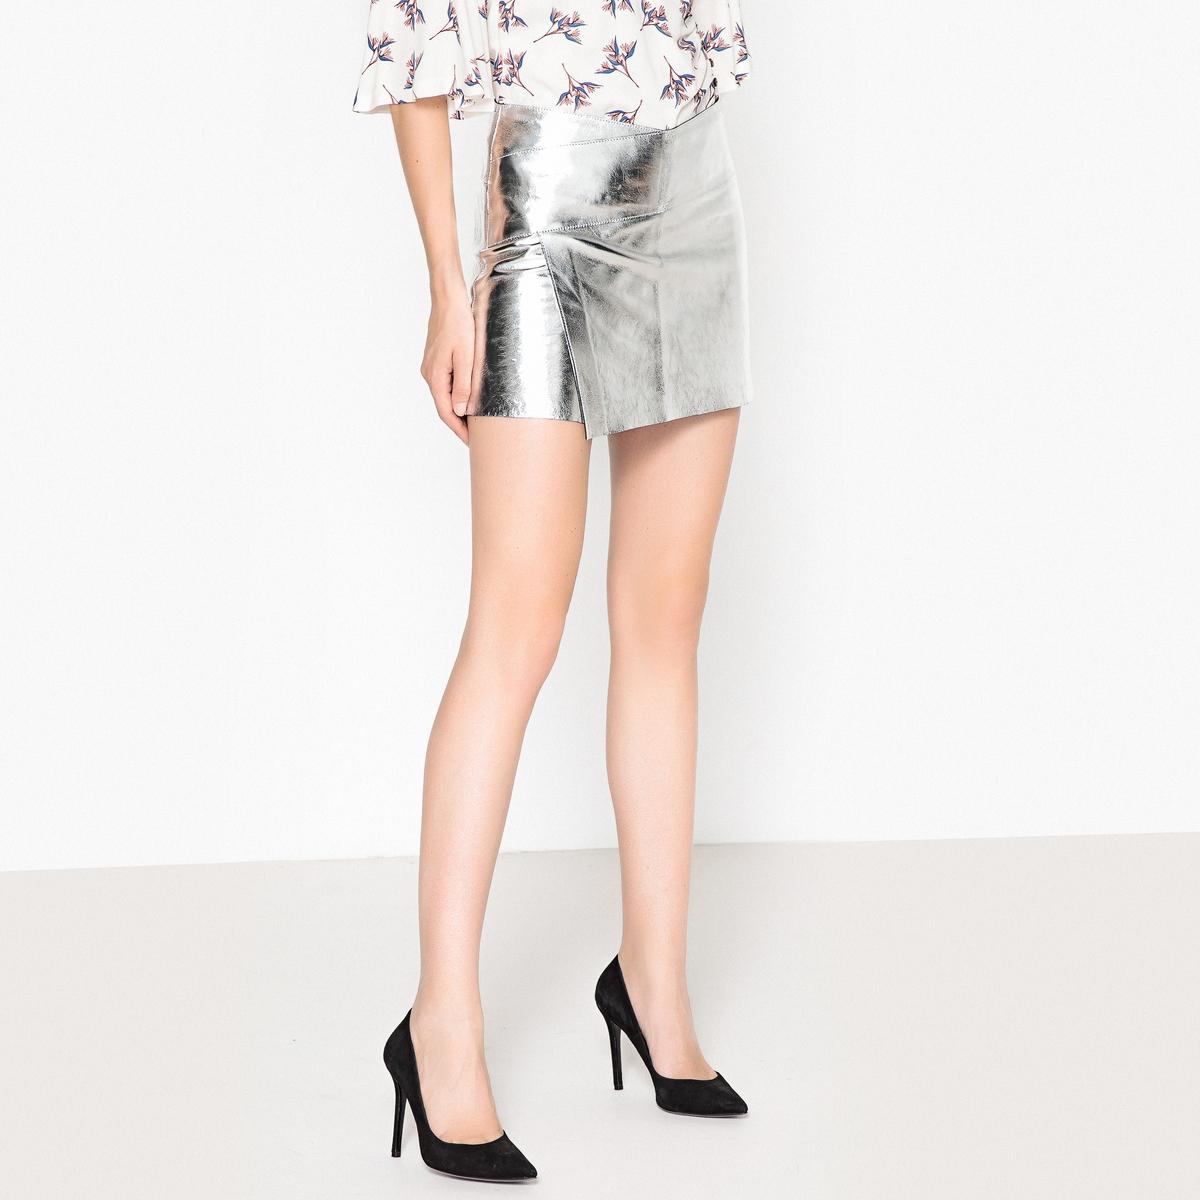 Юбка укороченная с металлическим блеском из козьей кожи MANIA юбка карандаш укороченная printio эскиз